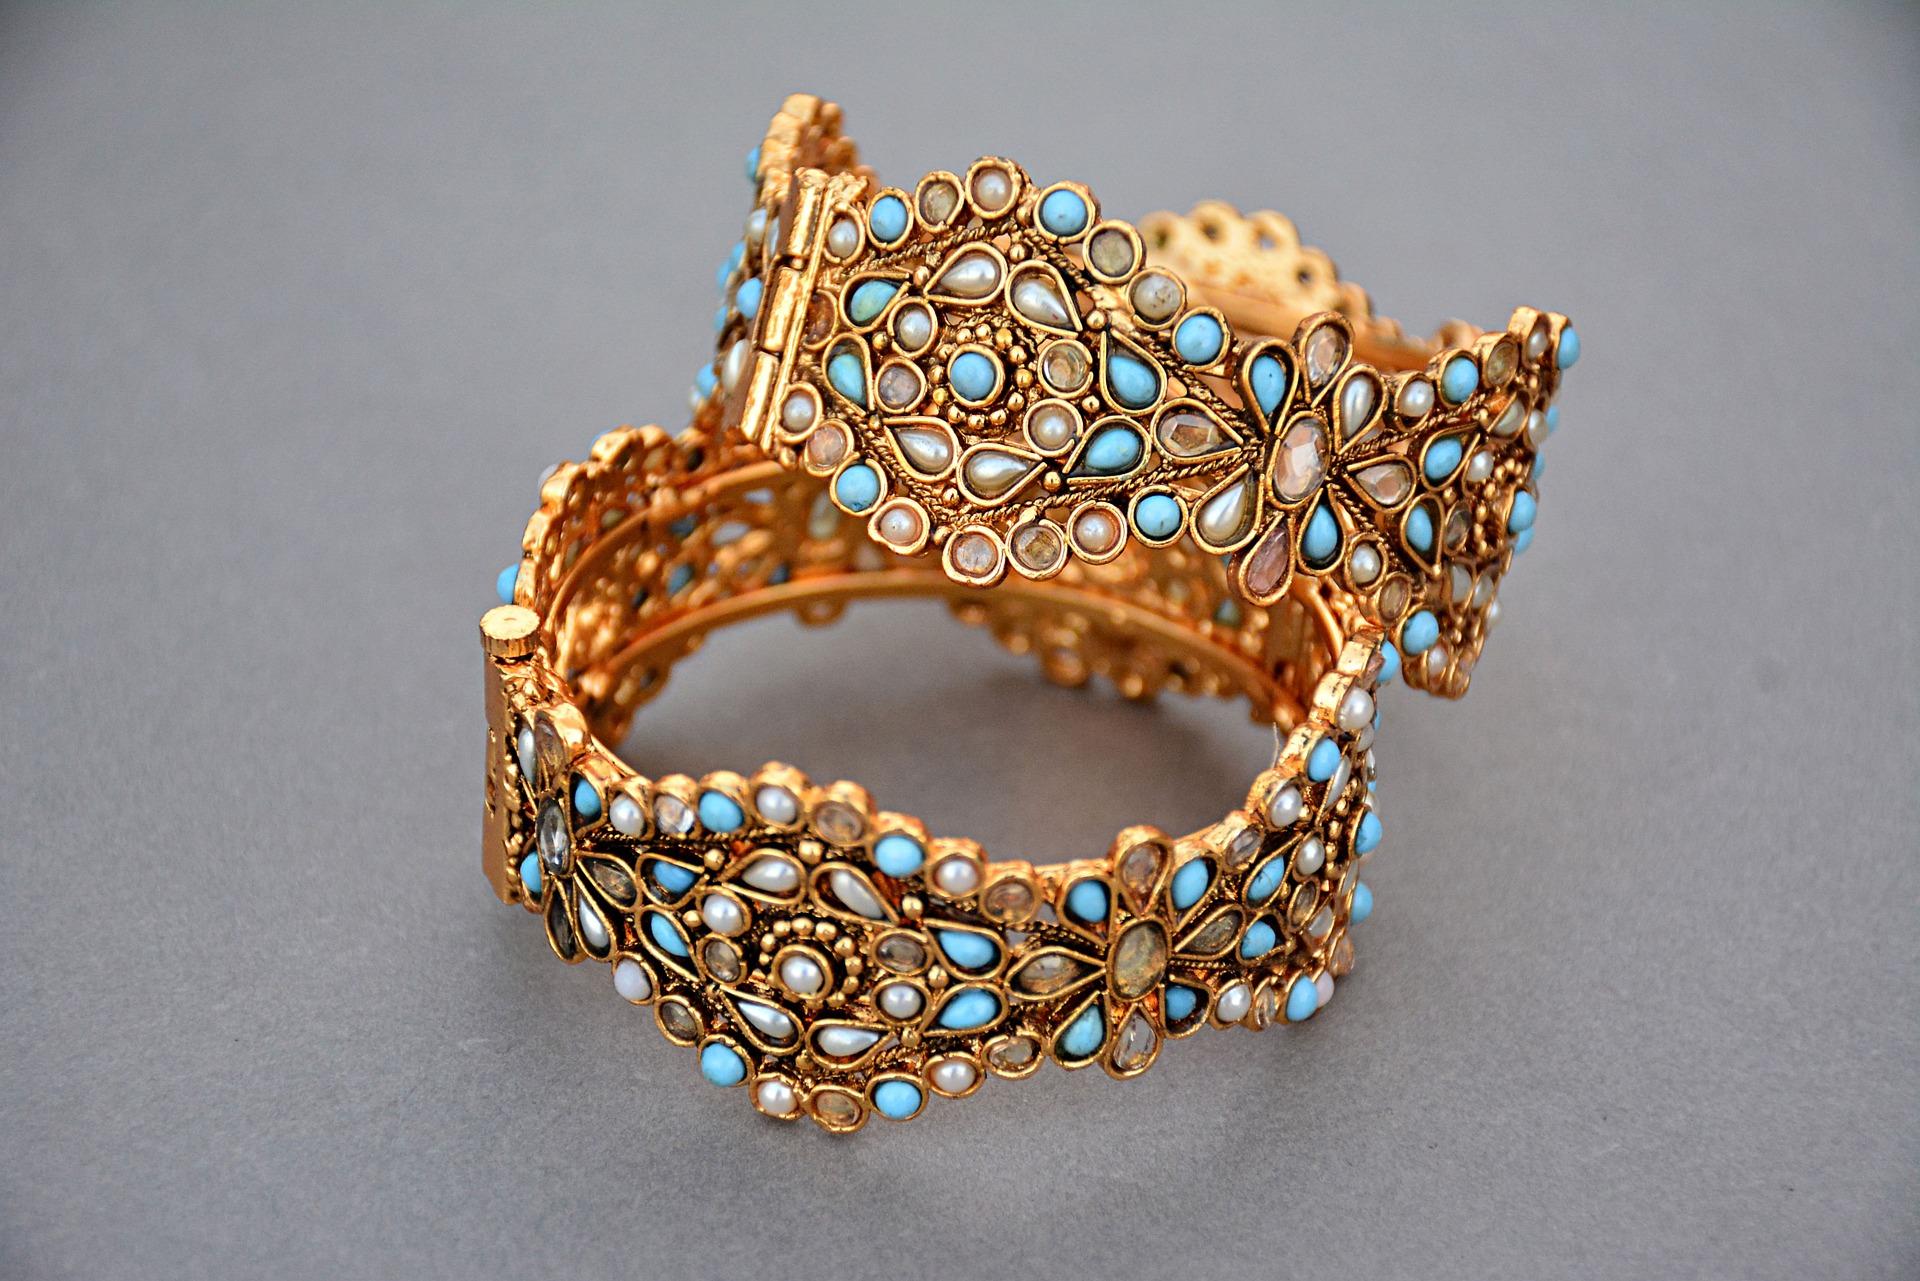 Gold Jewellery / Pixabay - Handicraft has golden soil